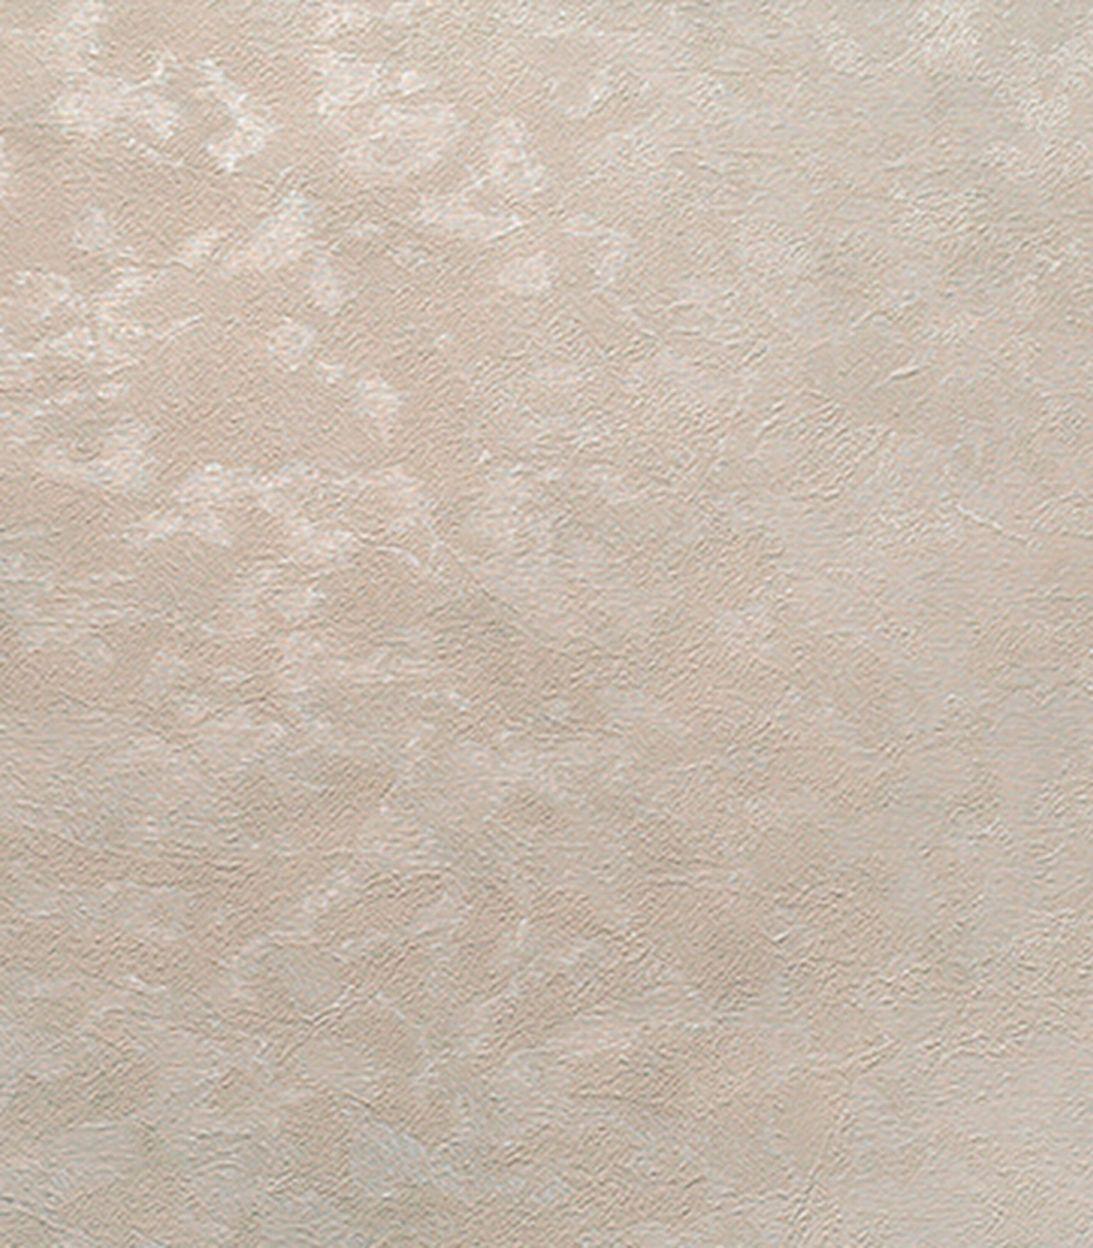 Обои виниловые на флизелиновой основе 1,06х10 м Elisium Фаворит Е68200 пользовательские обои mural 3d wall mural природные пейзажи водопады и зеленое дерево обои для рабочего стола нетканые настенные пок